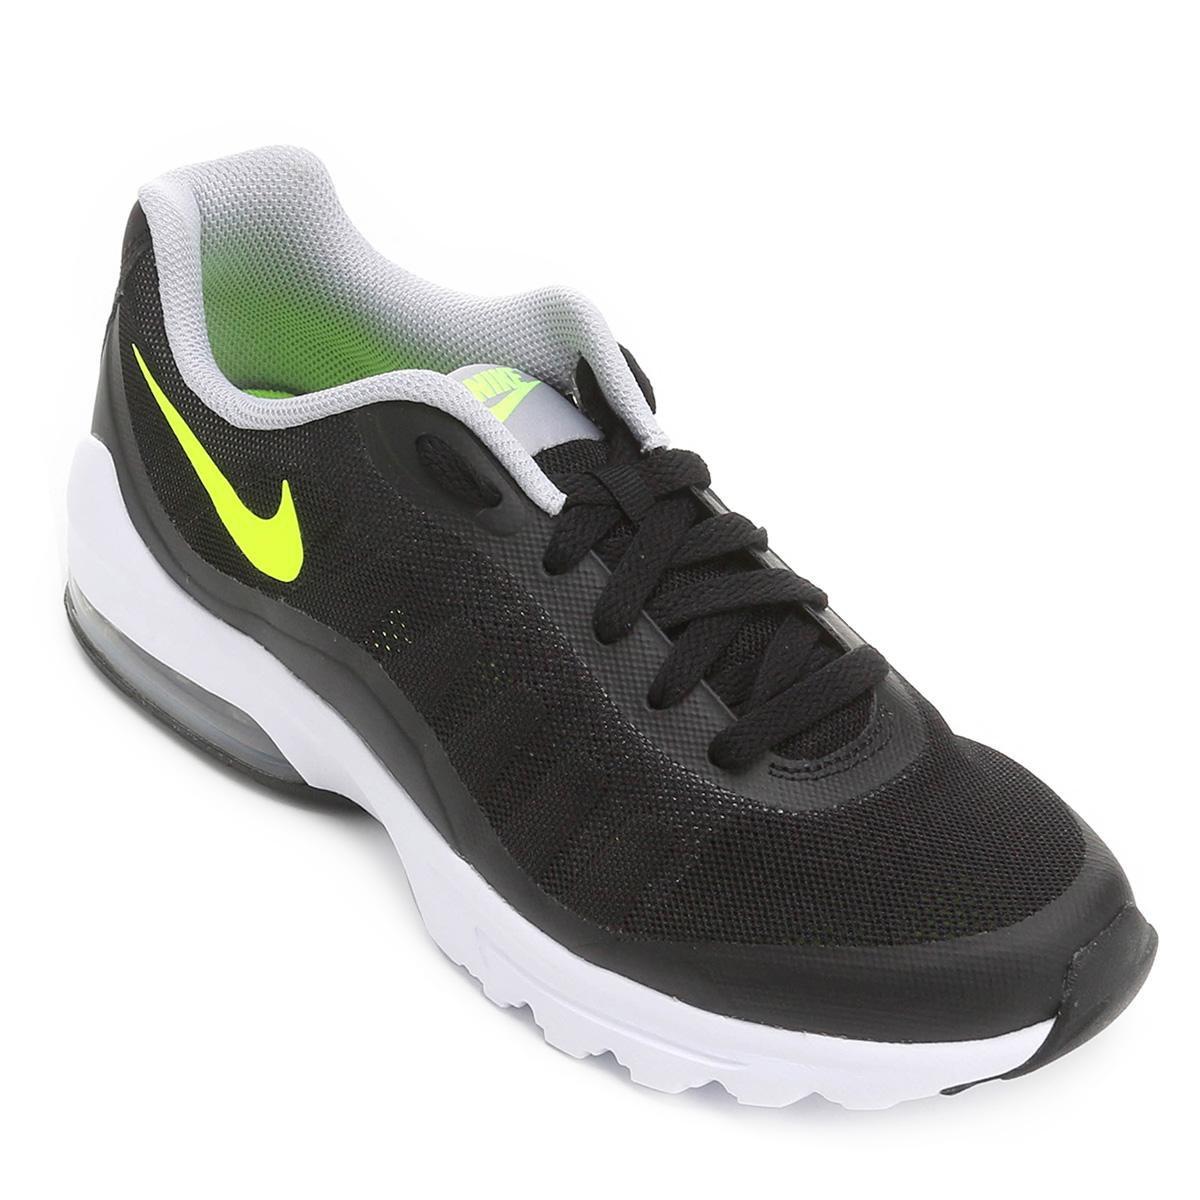 7174904c02b Tênis Nike Air Max Invigor Masculino - Preto e Cinza - Compre Agora ...